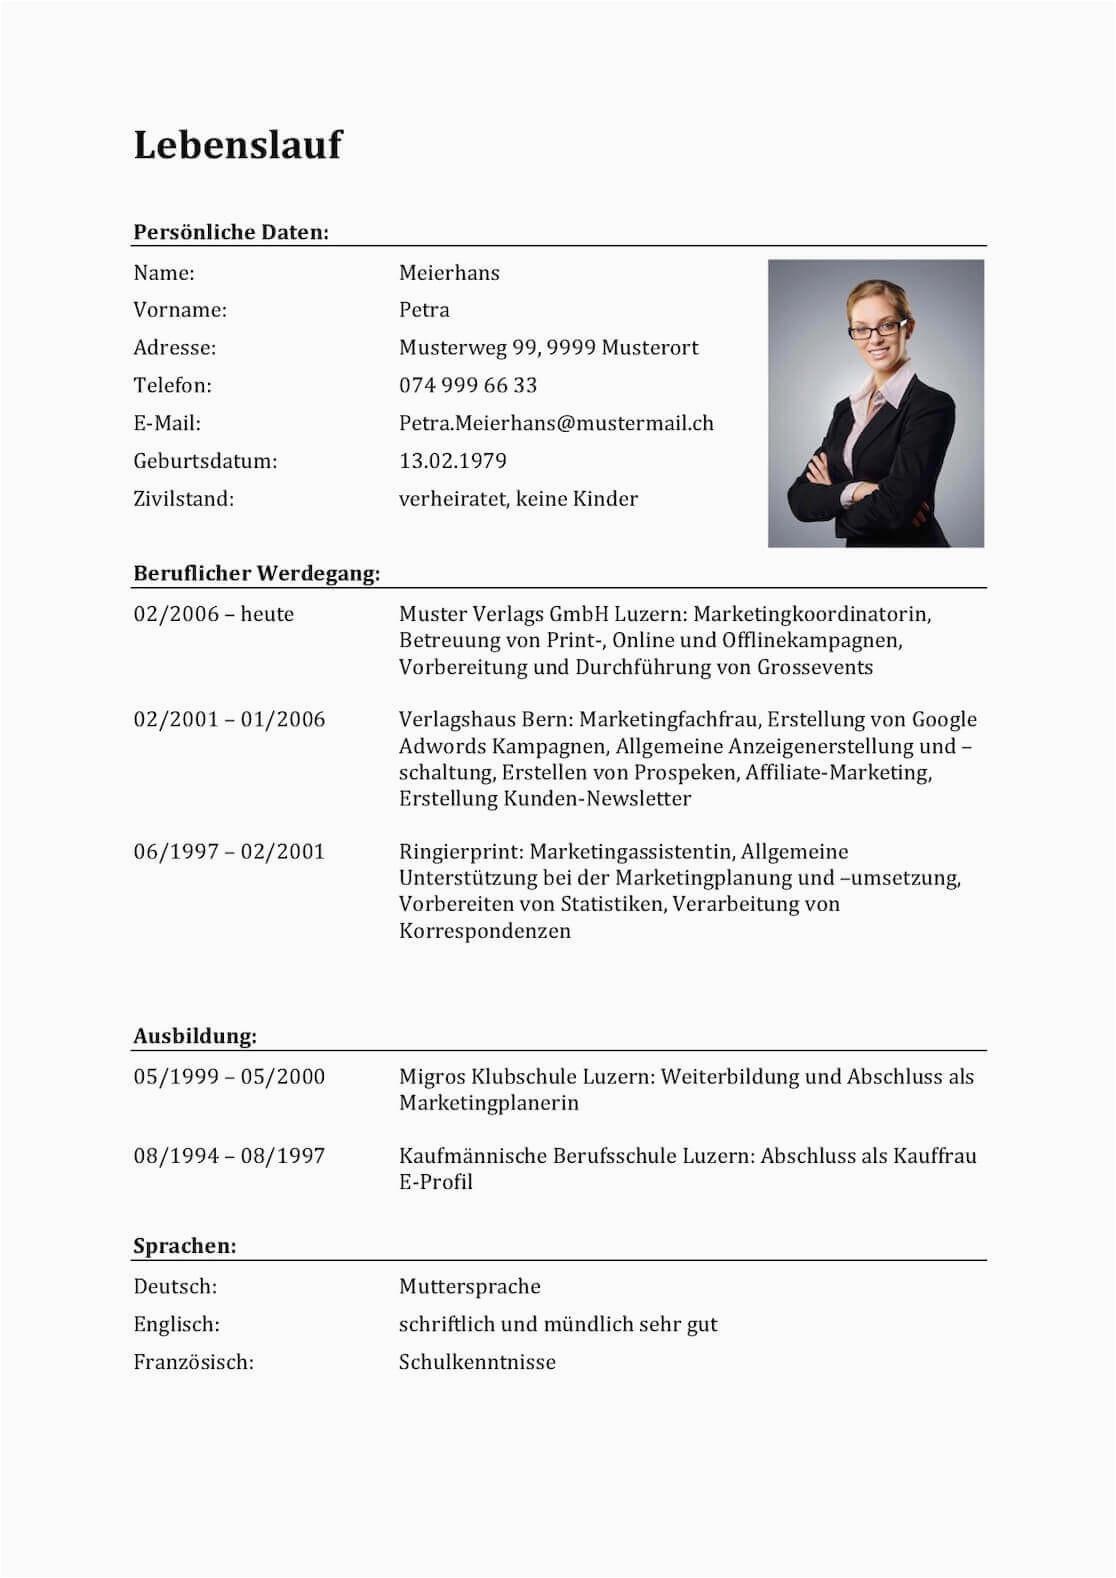 Rav Vorlagen Lebenslauf Lebenslauf Vorlagen & Muster Für Bewerbung In Der Schweiz